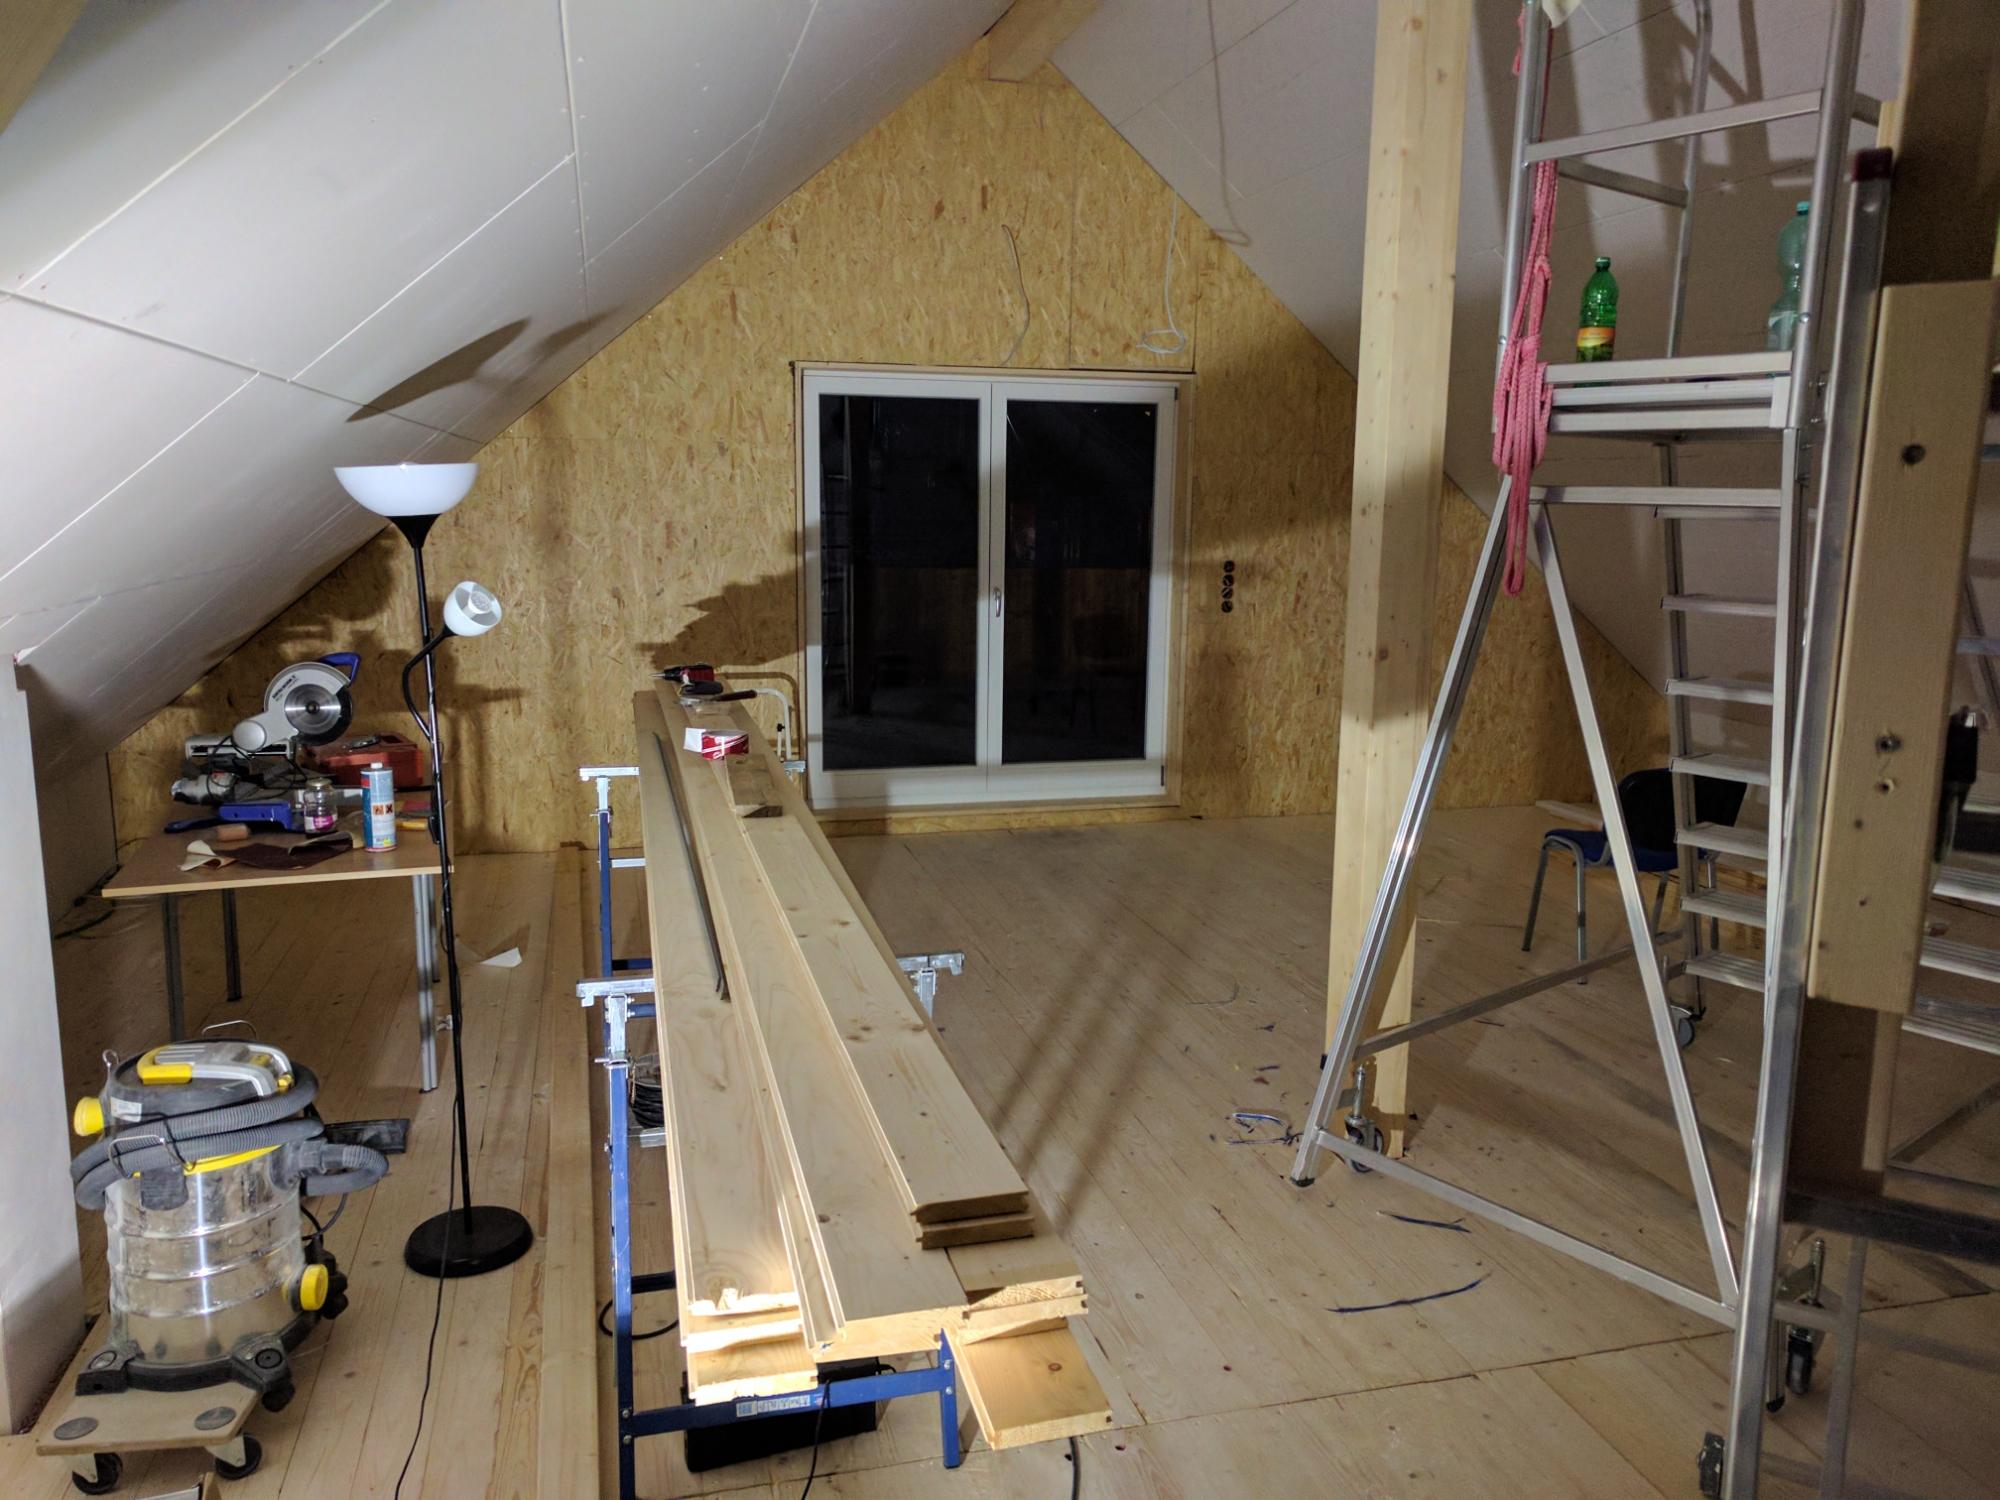 Bad Fußboden Auf Holzbalkendecke ~ Fußbodenaufbau bad badezimmer auf holzbalkendecke by